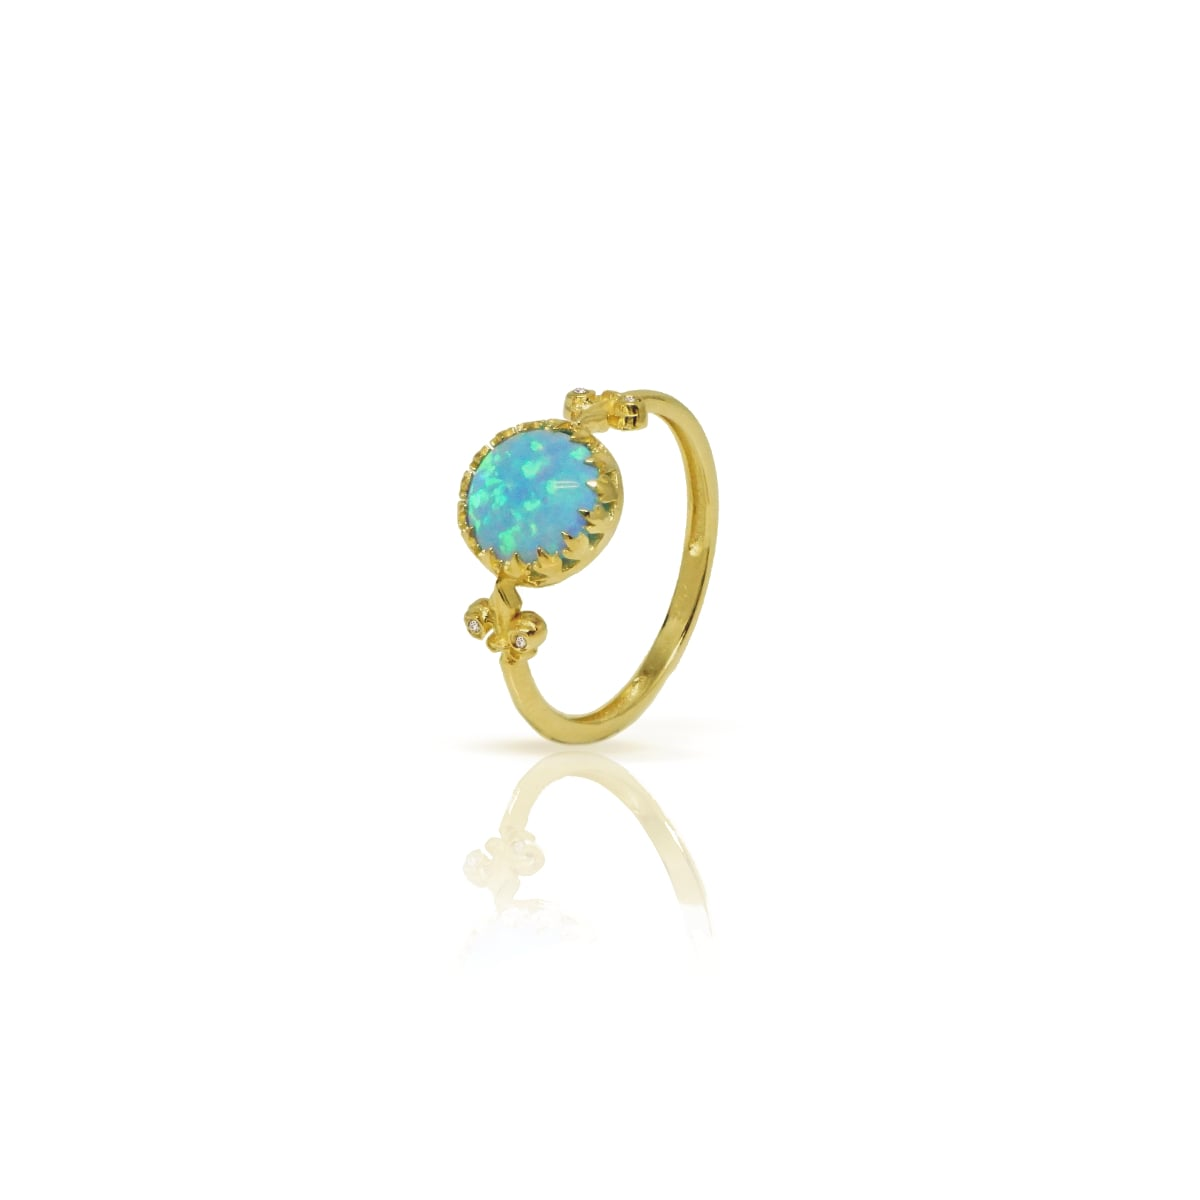 טבעת זהב ואופל כחולה עם יהלומים